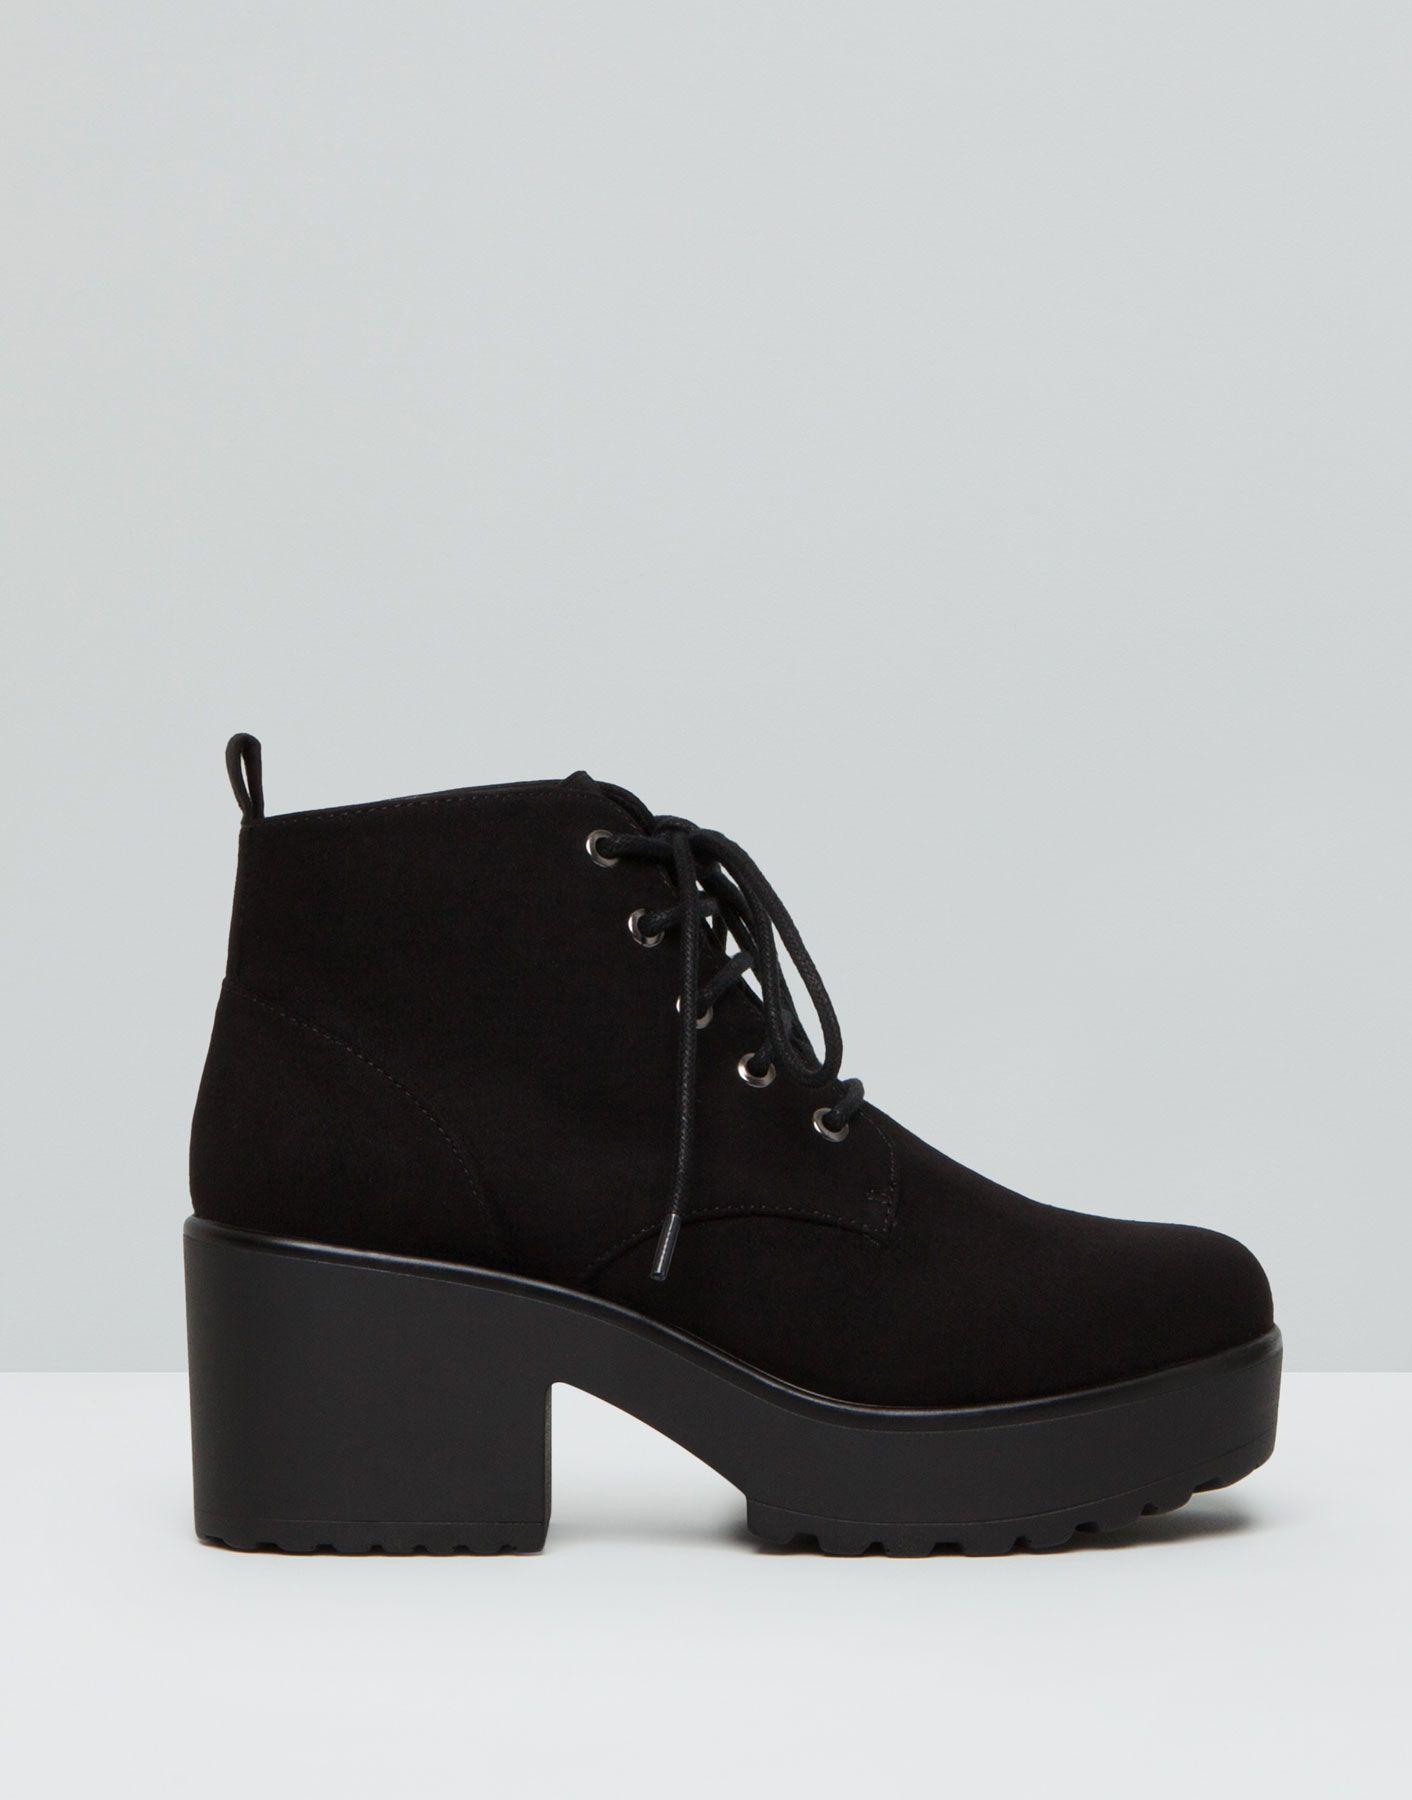 Resultado de imagen de pull and bear boots 2016